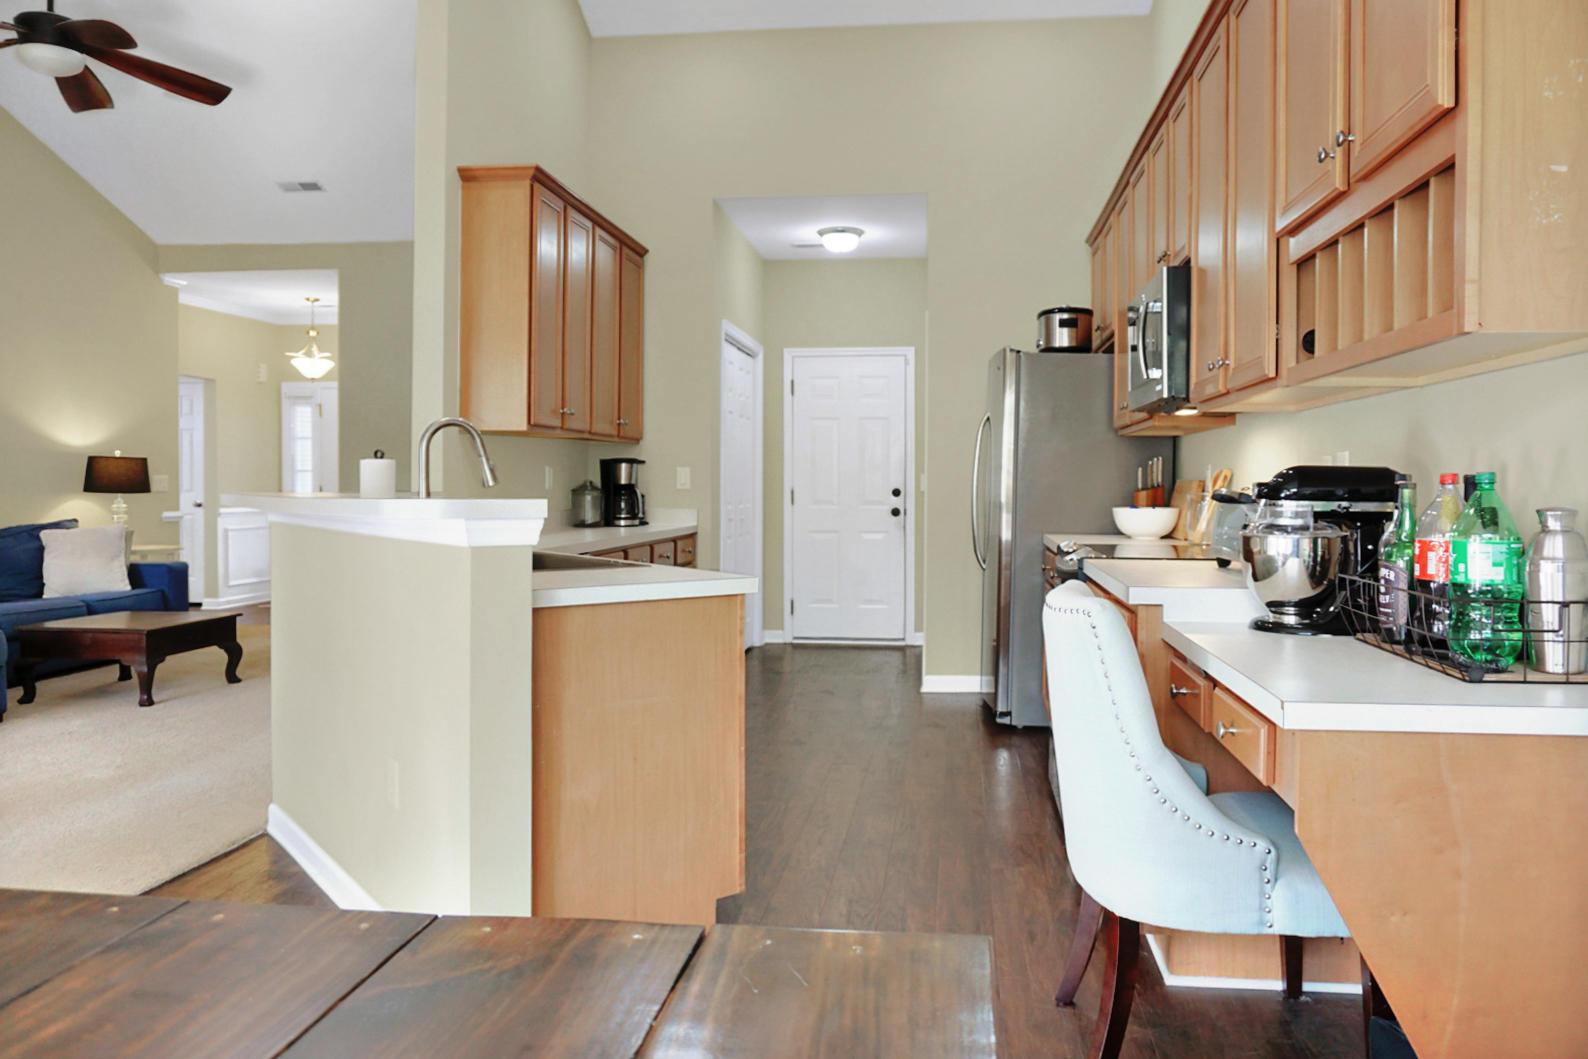 Park West Homes For Sale - 1504 Huxley, Mount Pleasant, SC - 17